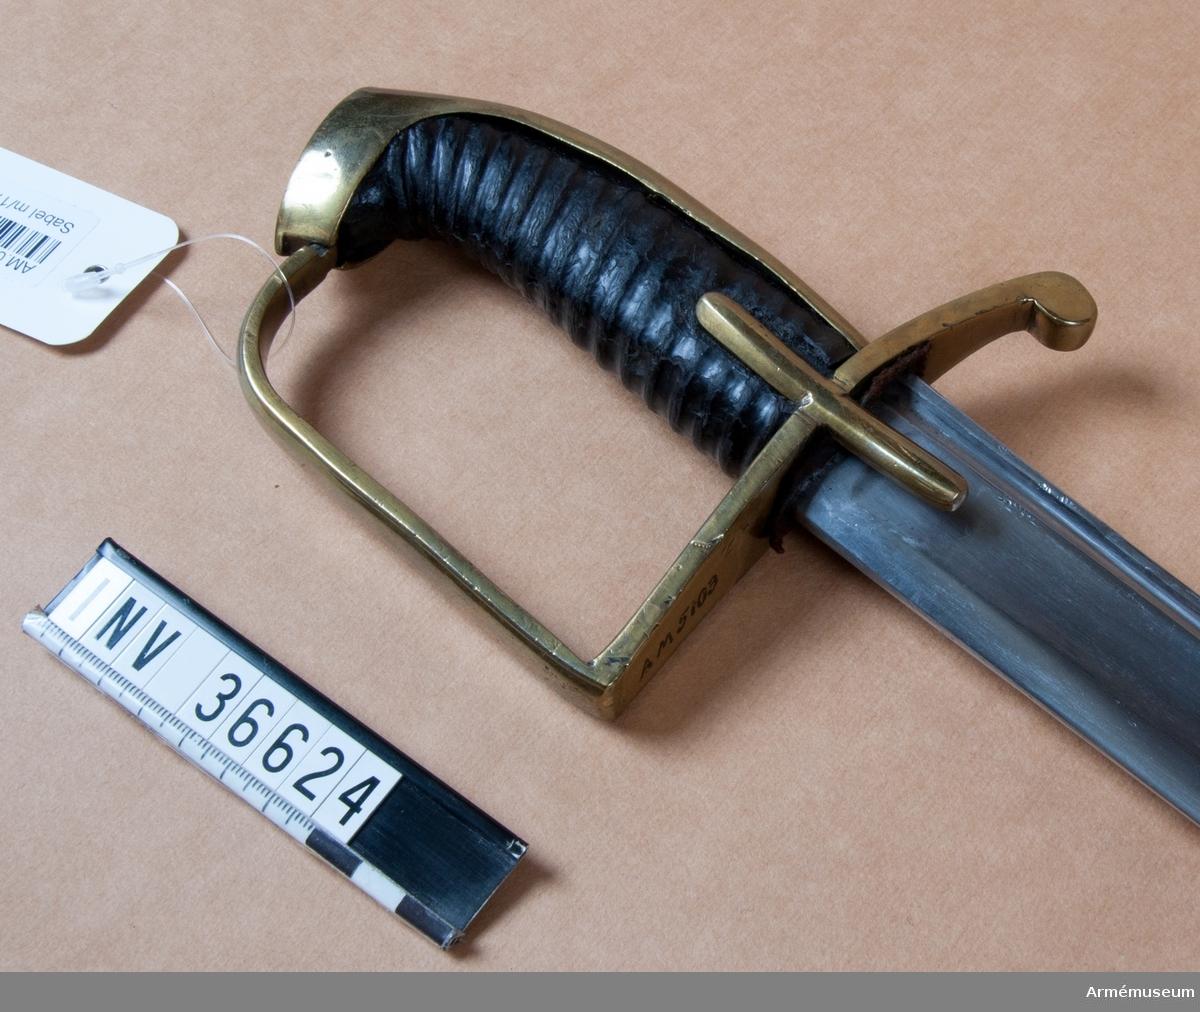 Grupp D II. Sabel m/1793, förändring från m/1759. Sabel är fullkomligt lik AM 36622, med undantag av att kaveln har 16 räfflor och i att P-stämpeln sitter på klingans innersida. På kavelns yttersida finns rester av en påklistrad papperslapp och av ett rött lacksigill. Klingbredd upptill: 36 mm.